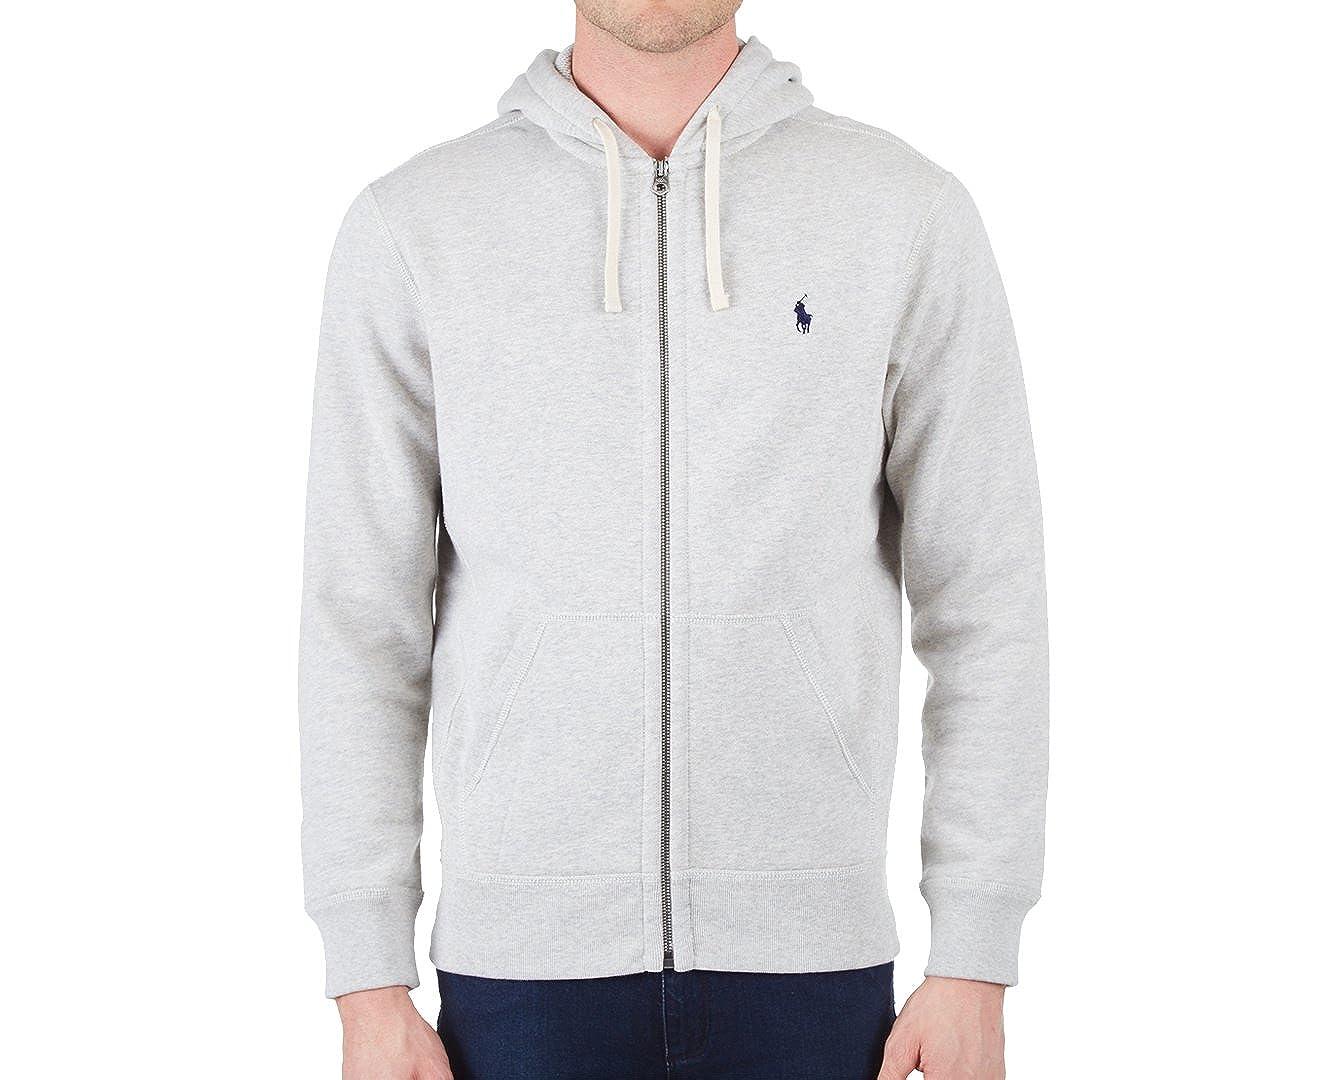 Hoodie Xl Sweatshirt Fleece Lauren Polo Sweater Hooded Jacket Ralph Men's rdBCoexW